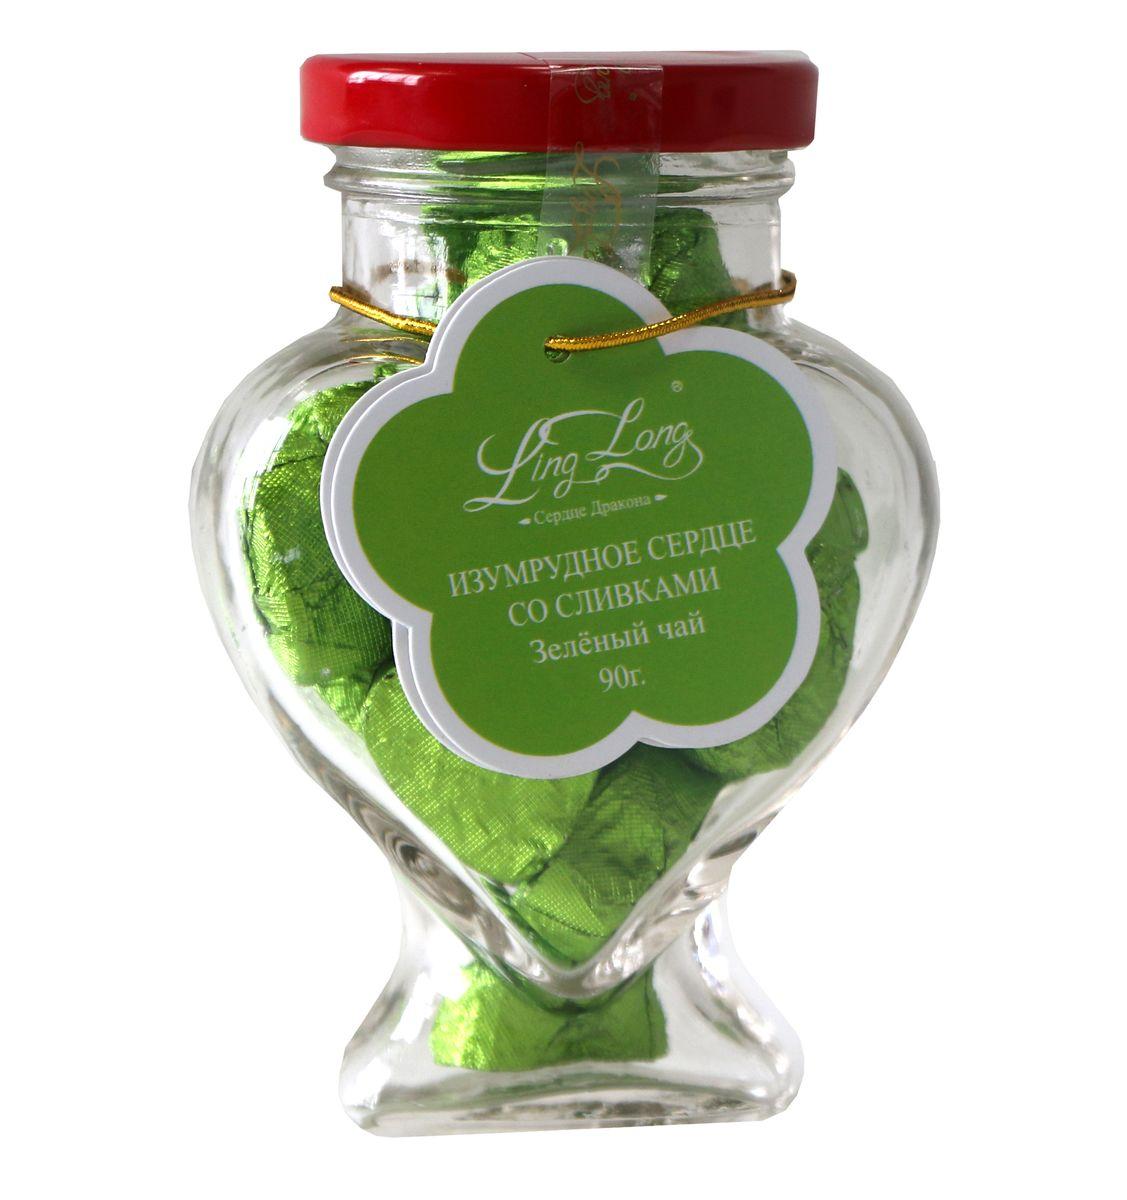 Ling Long Изумрудное сердце со сливками зеленый листовой чай, 90 г (стеклянная банка)LL502Чай зеленый байховый китайский крупнолистовой Ling Long Изумрудное сердце с ароматом сливок. Спрессован в форме сердечек. Такой чай станет отличным подарком друзьям или близким.Всё о чае: сорта, факты, советы по выбору и употреблению. Статья OZON Гид